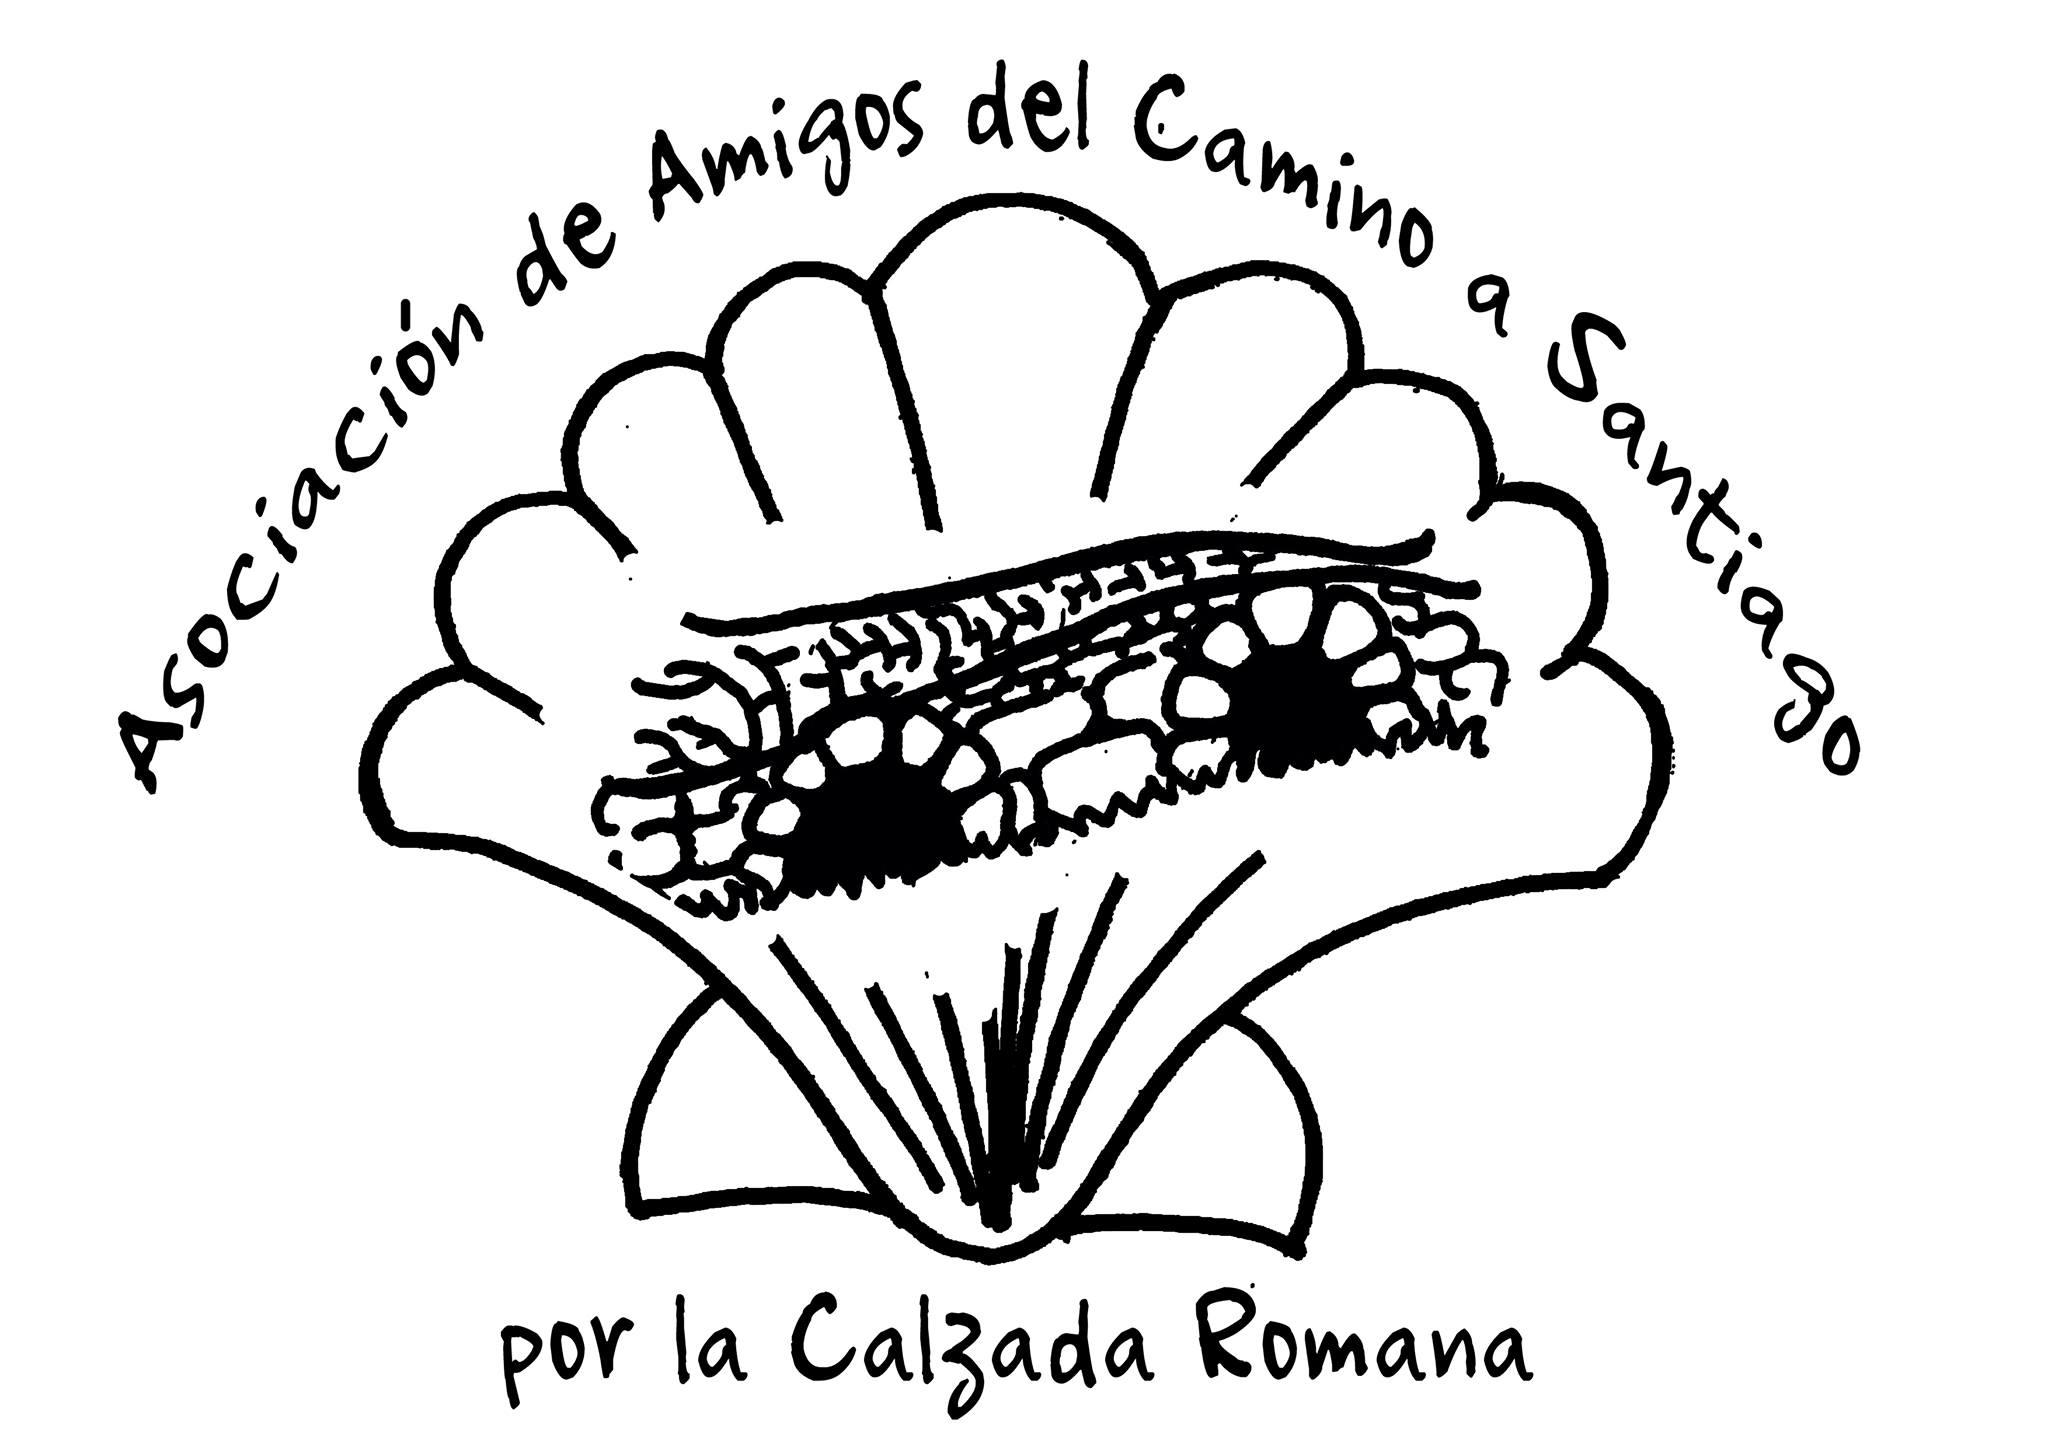 Camino de Santiago, Calzada Romana